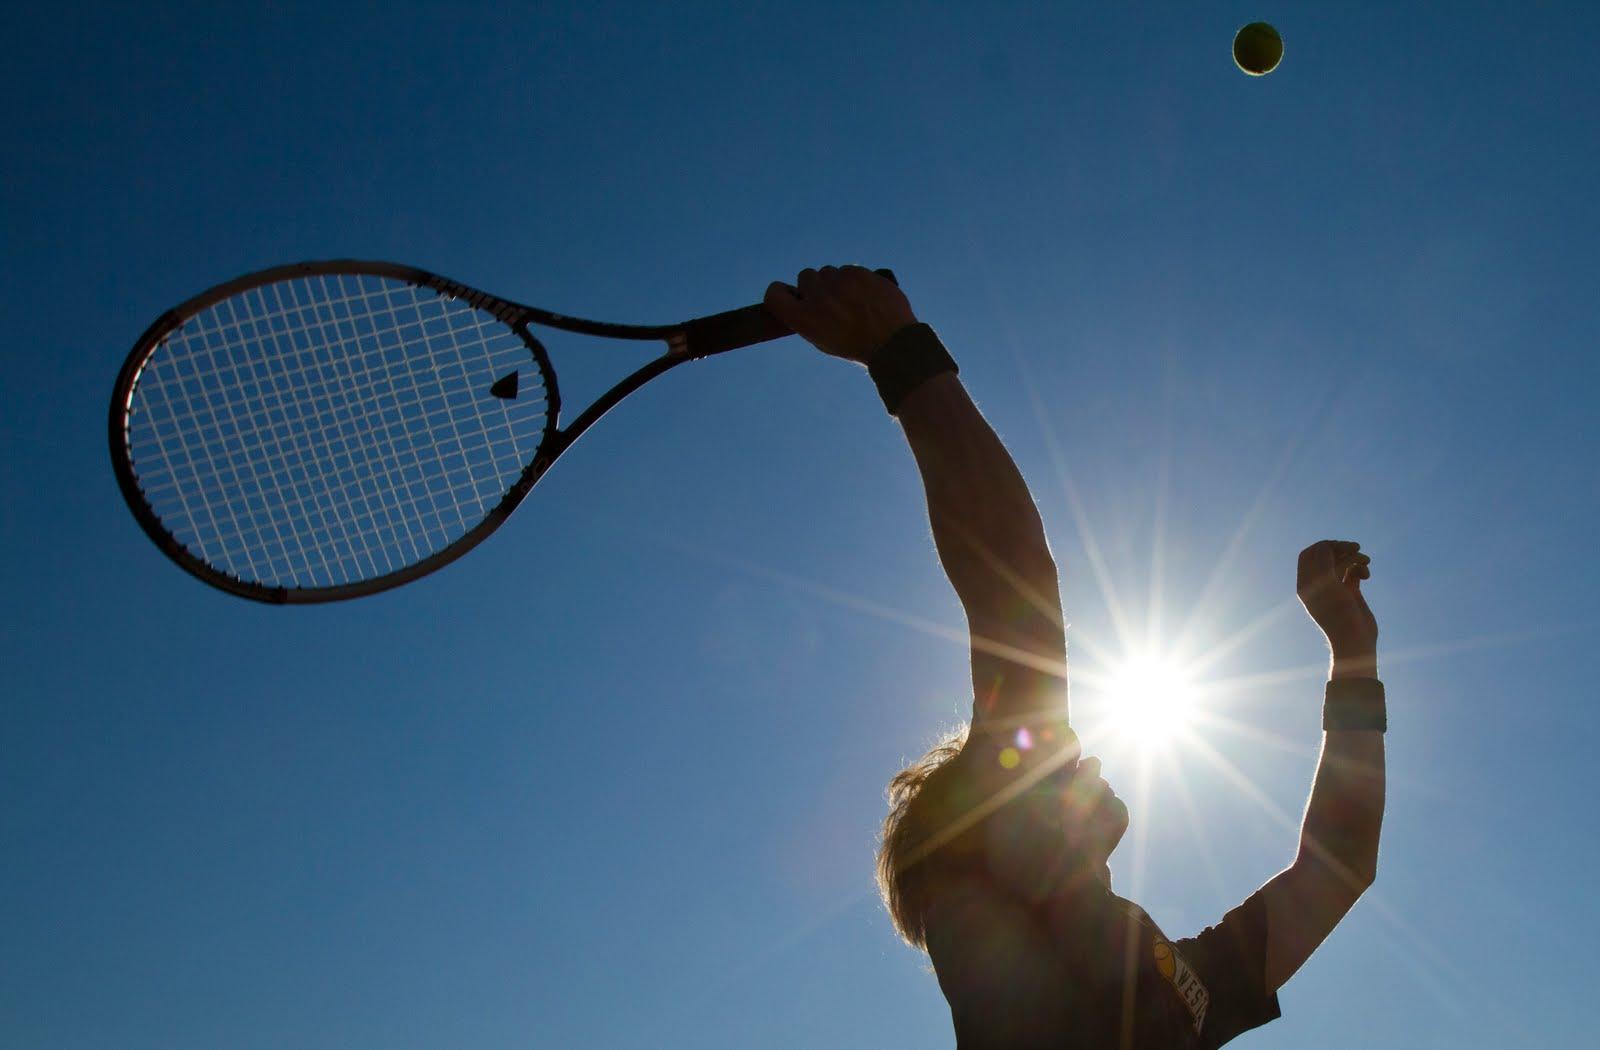 Thames Tennis Club